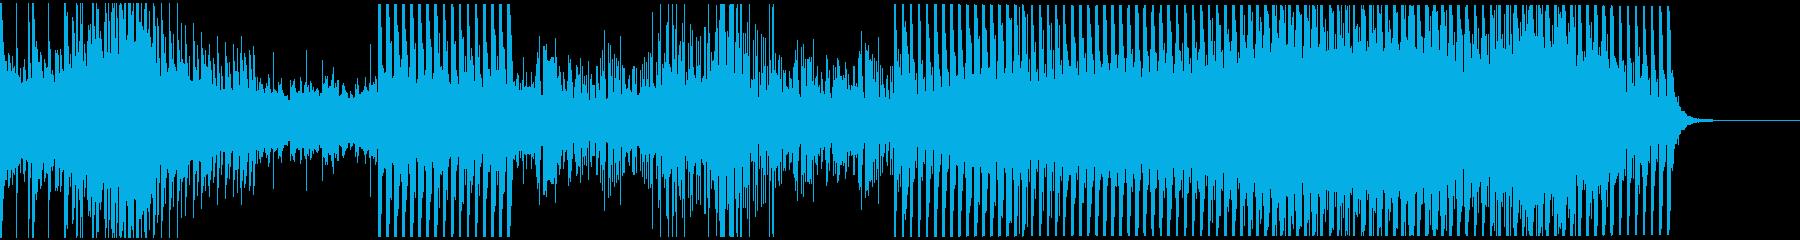 切なく力強いフューチャーハウスサウンドの再生済みの波形